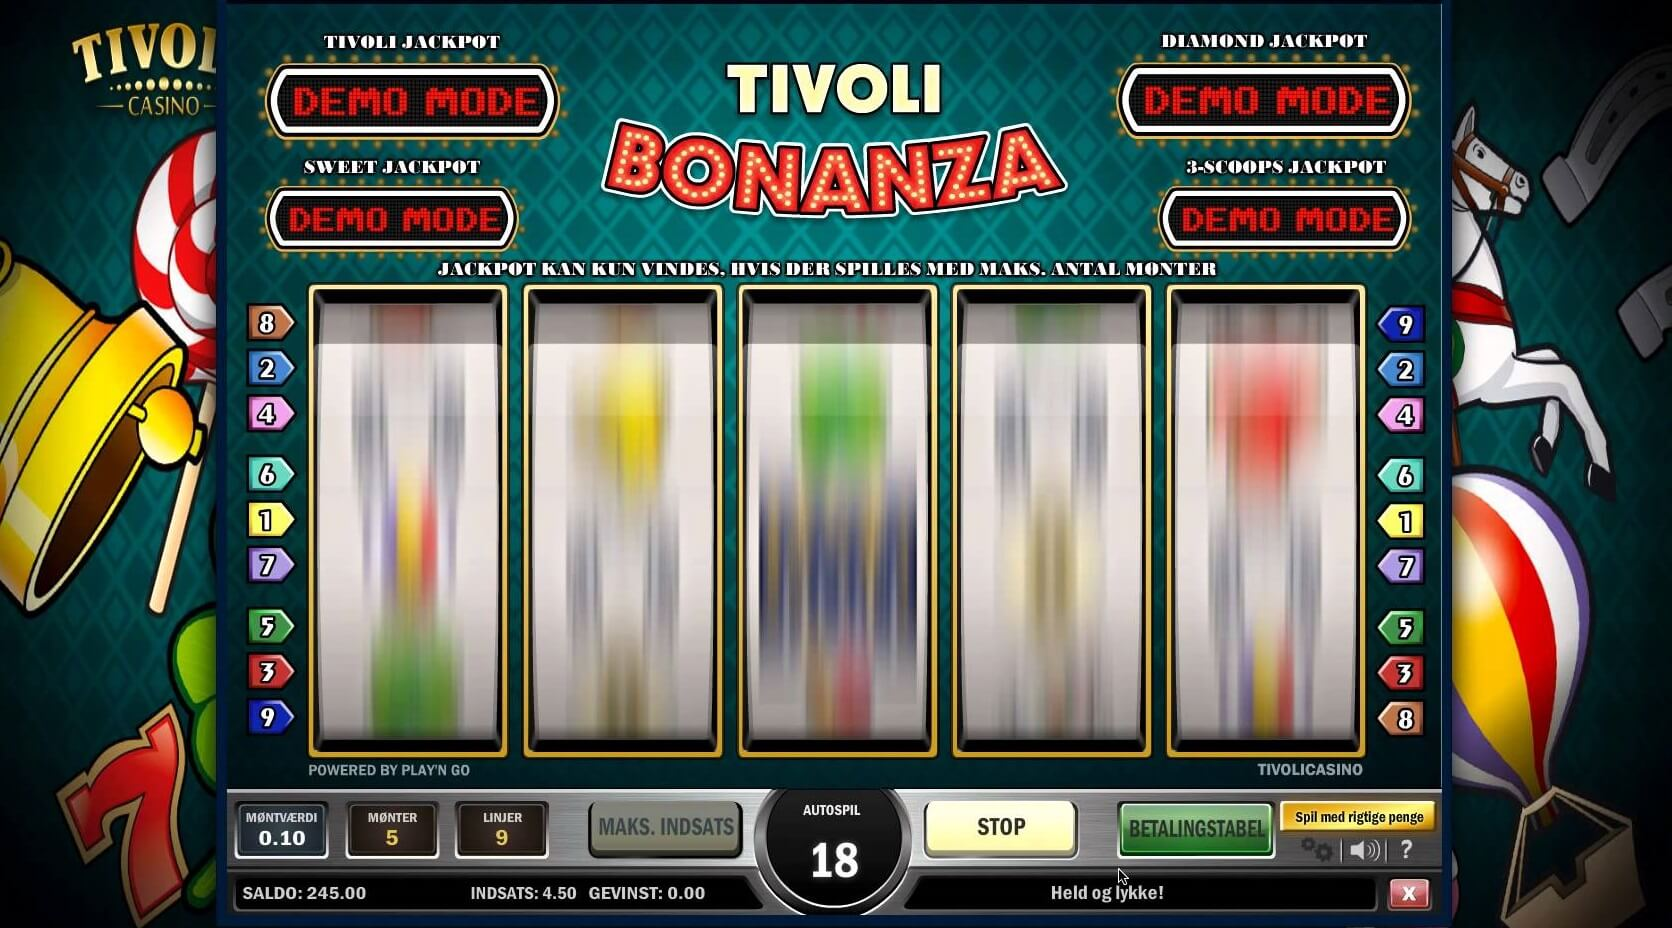 Tivoli Bonanza Online Slot Review & Guide Online